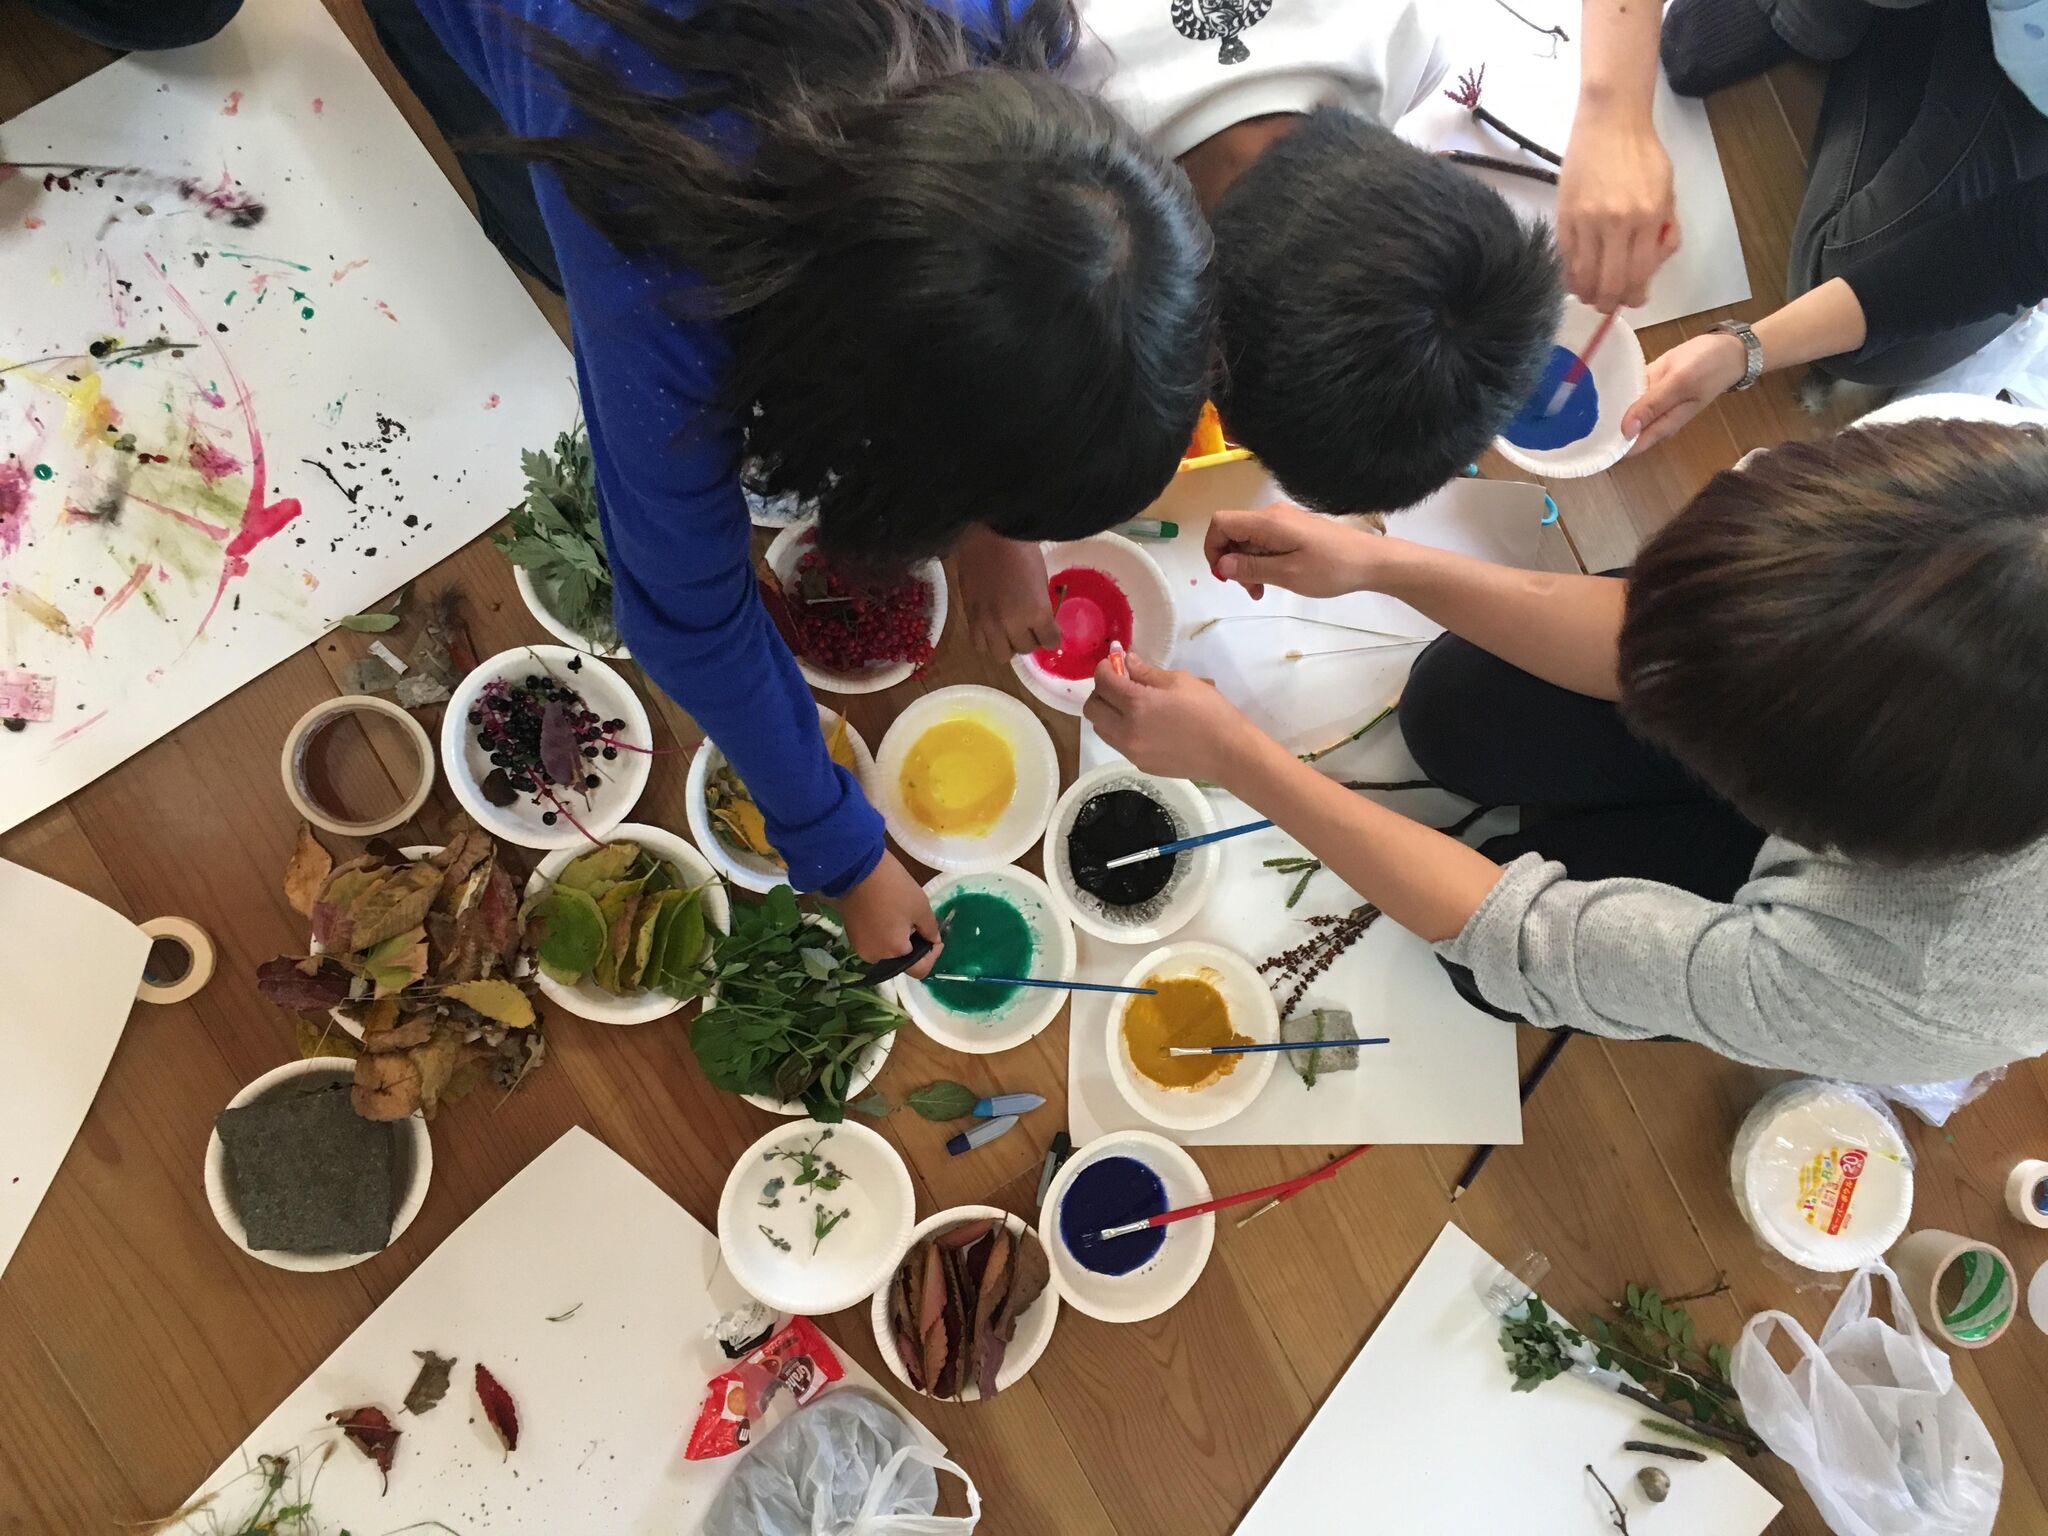 ミカンセイ教室 制作の様子:町の公園から草木や葉っぱ、木の実などを採取してオリジナルの絵筆、絵具を開発。授業のレポートはFacebook「ただのあそび場」ページ参照